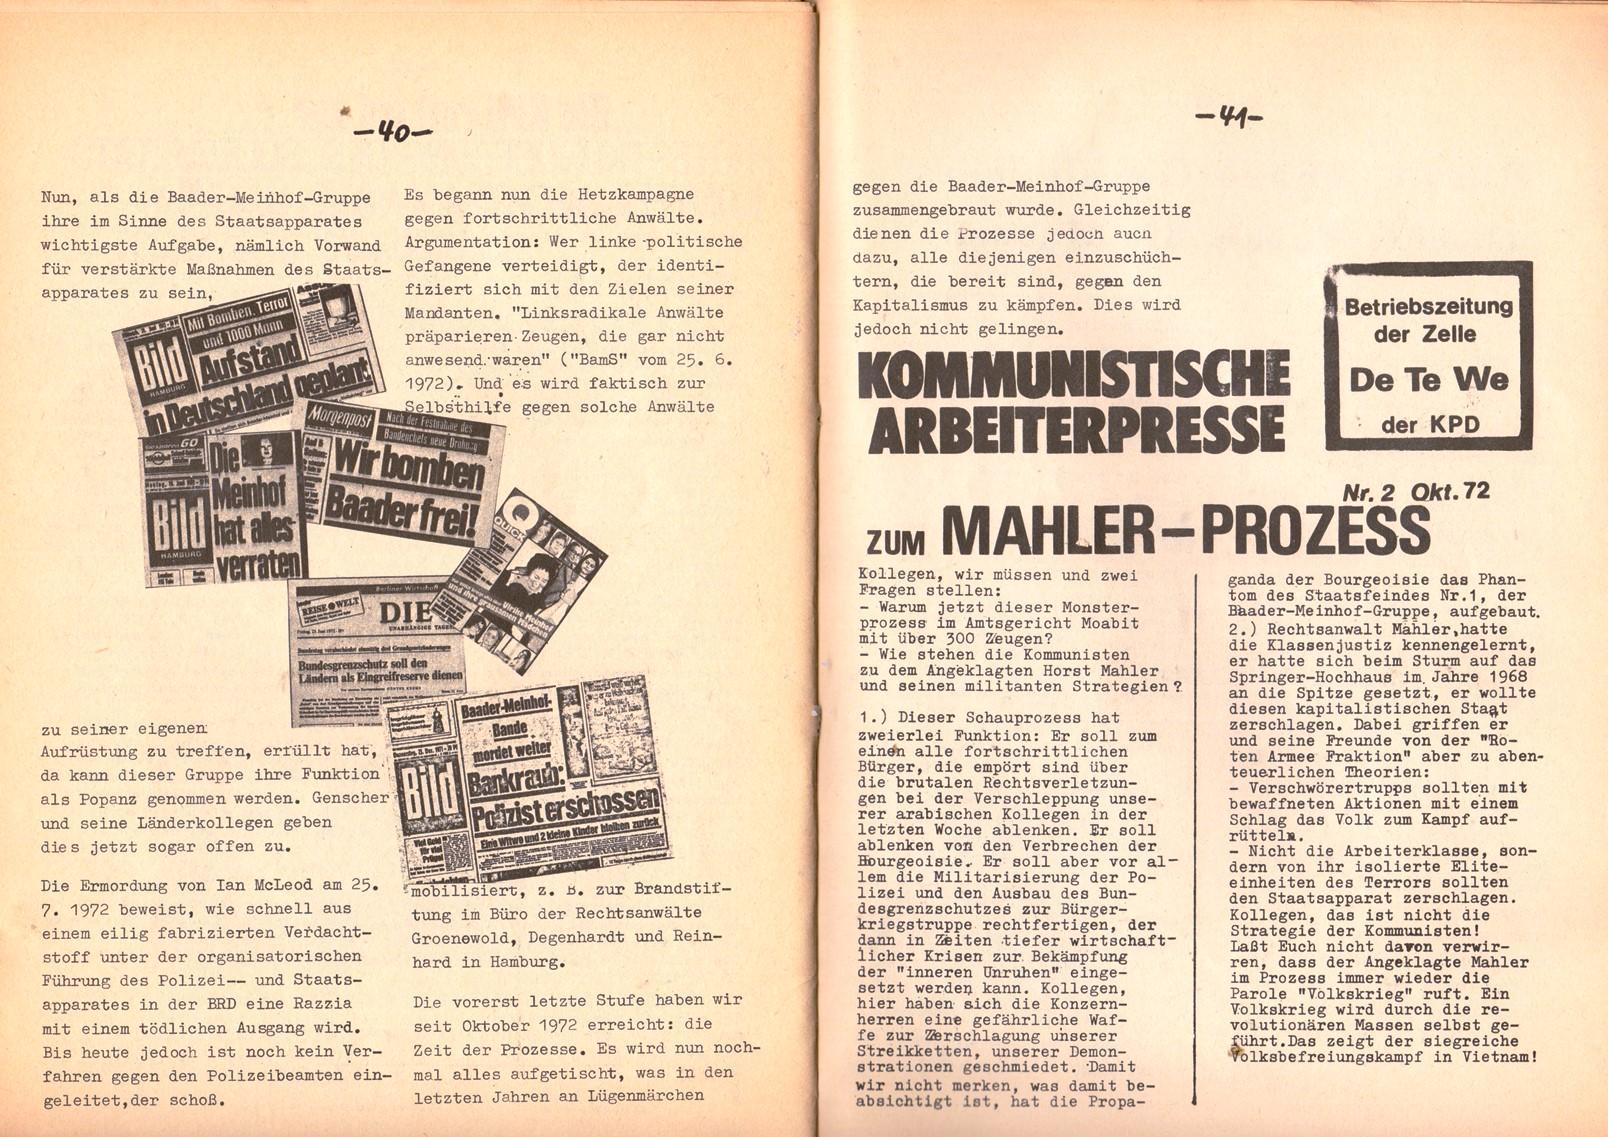 Berlin_RH_1973_zu_Horst_Mahler_22